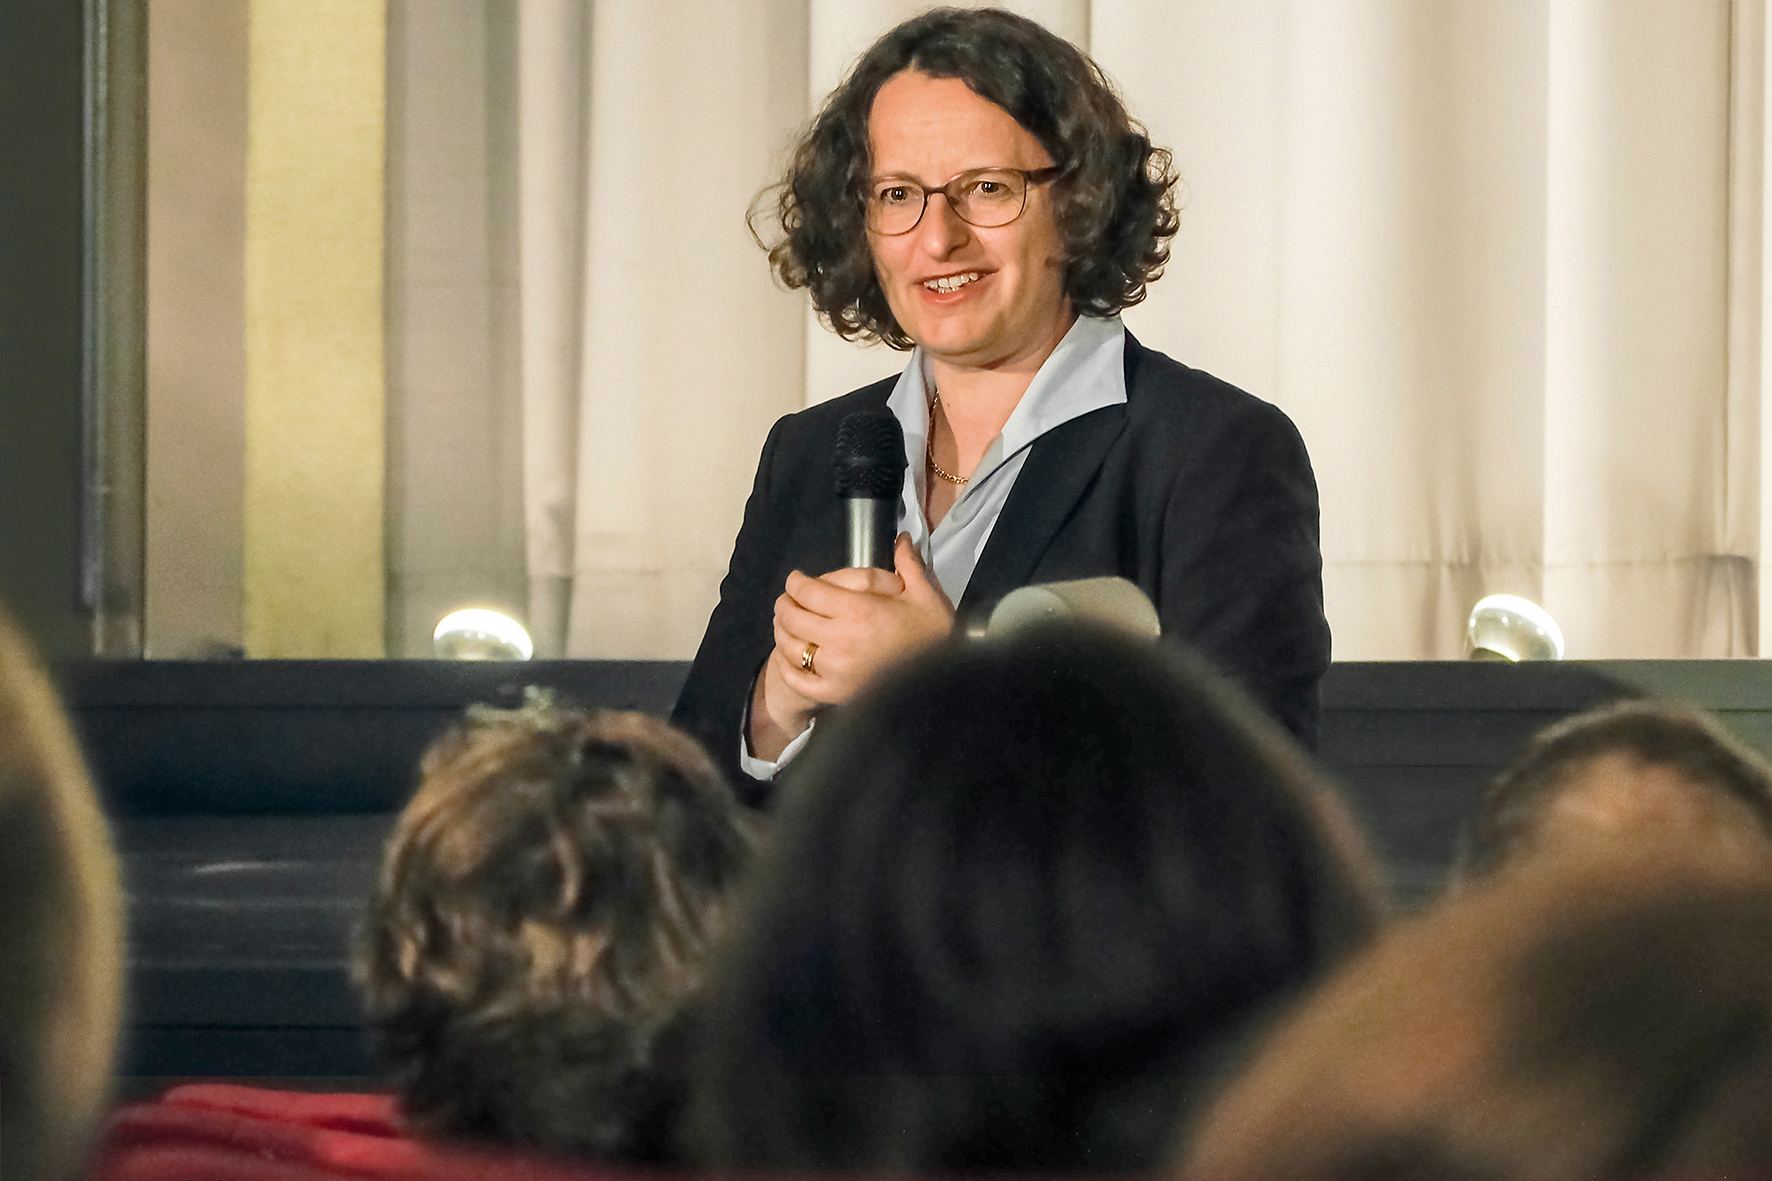 Antrittsrede von Prof. Jungbauer-Gans am 4. September 2015 im DZHW